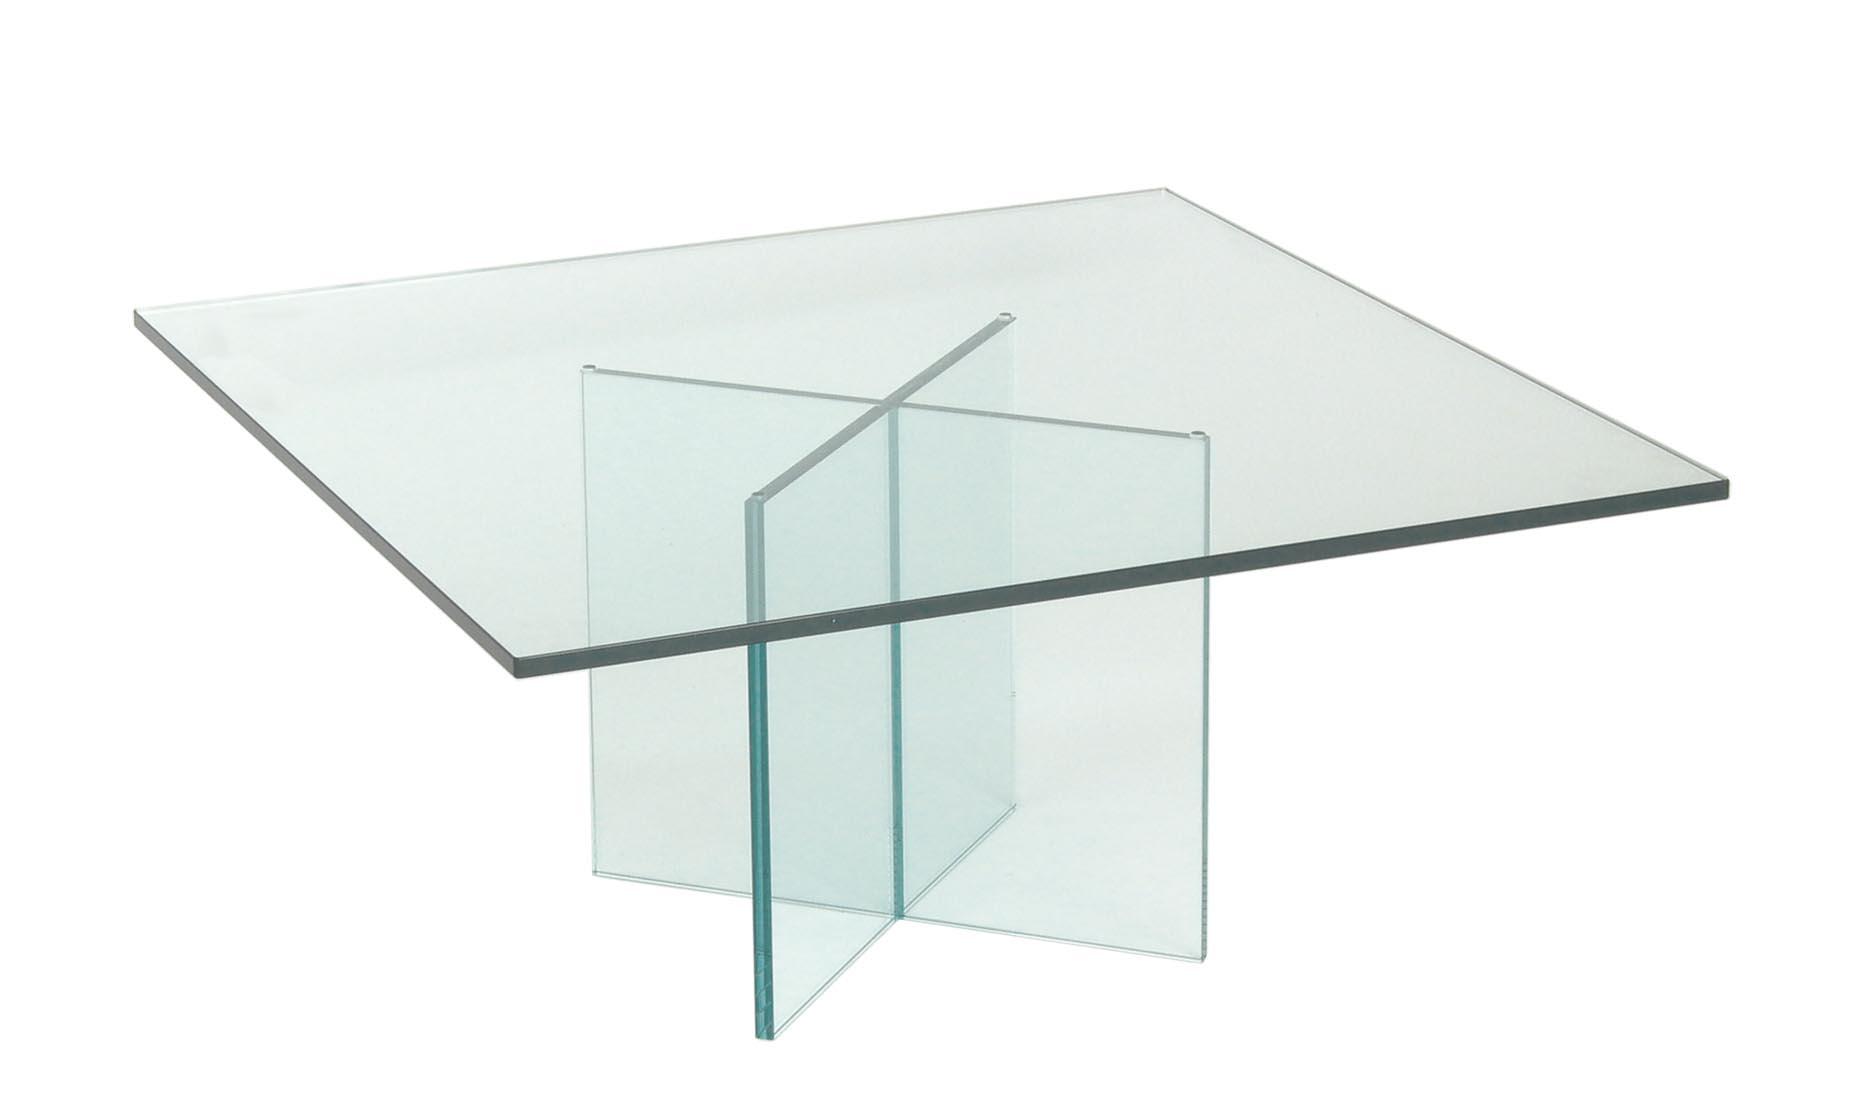 cohctische nach ma uv verklebt monolith. Black Bedroom Furniture Sets. Home Design Ideas